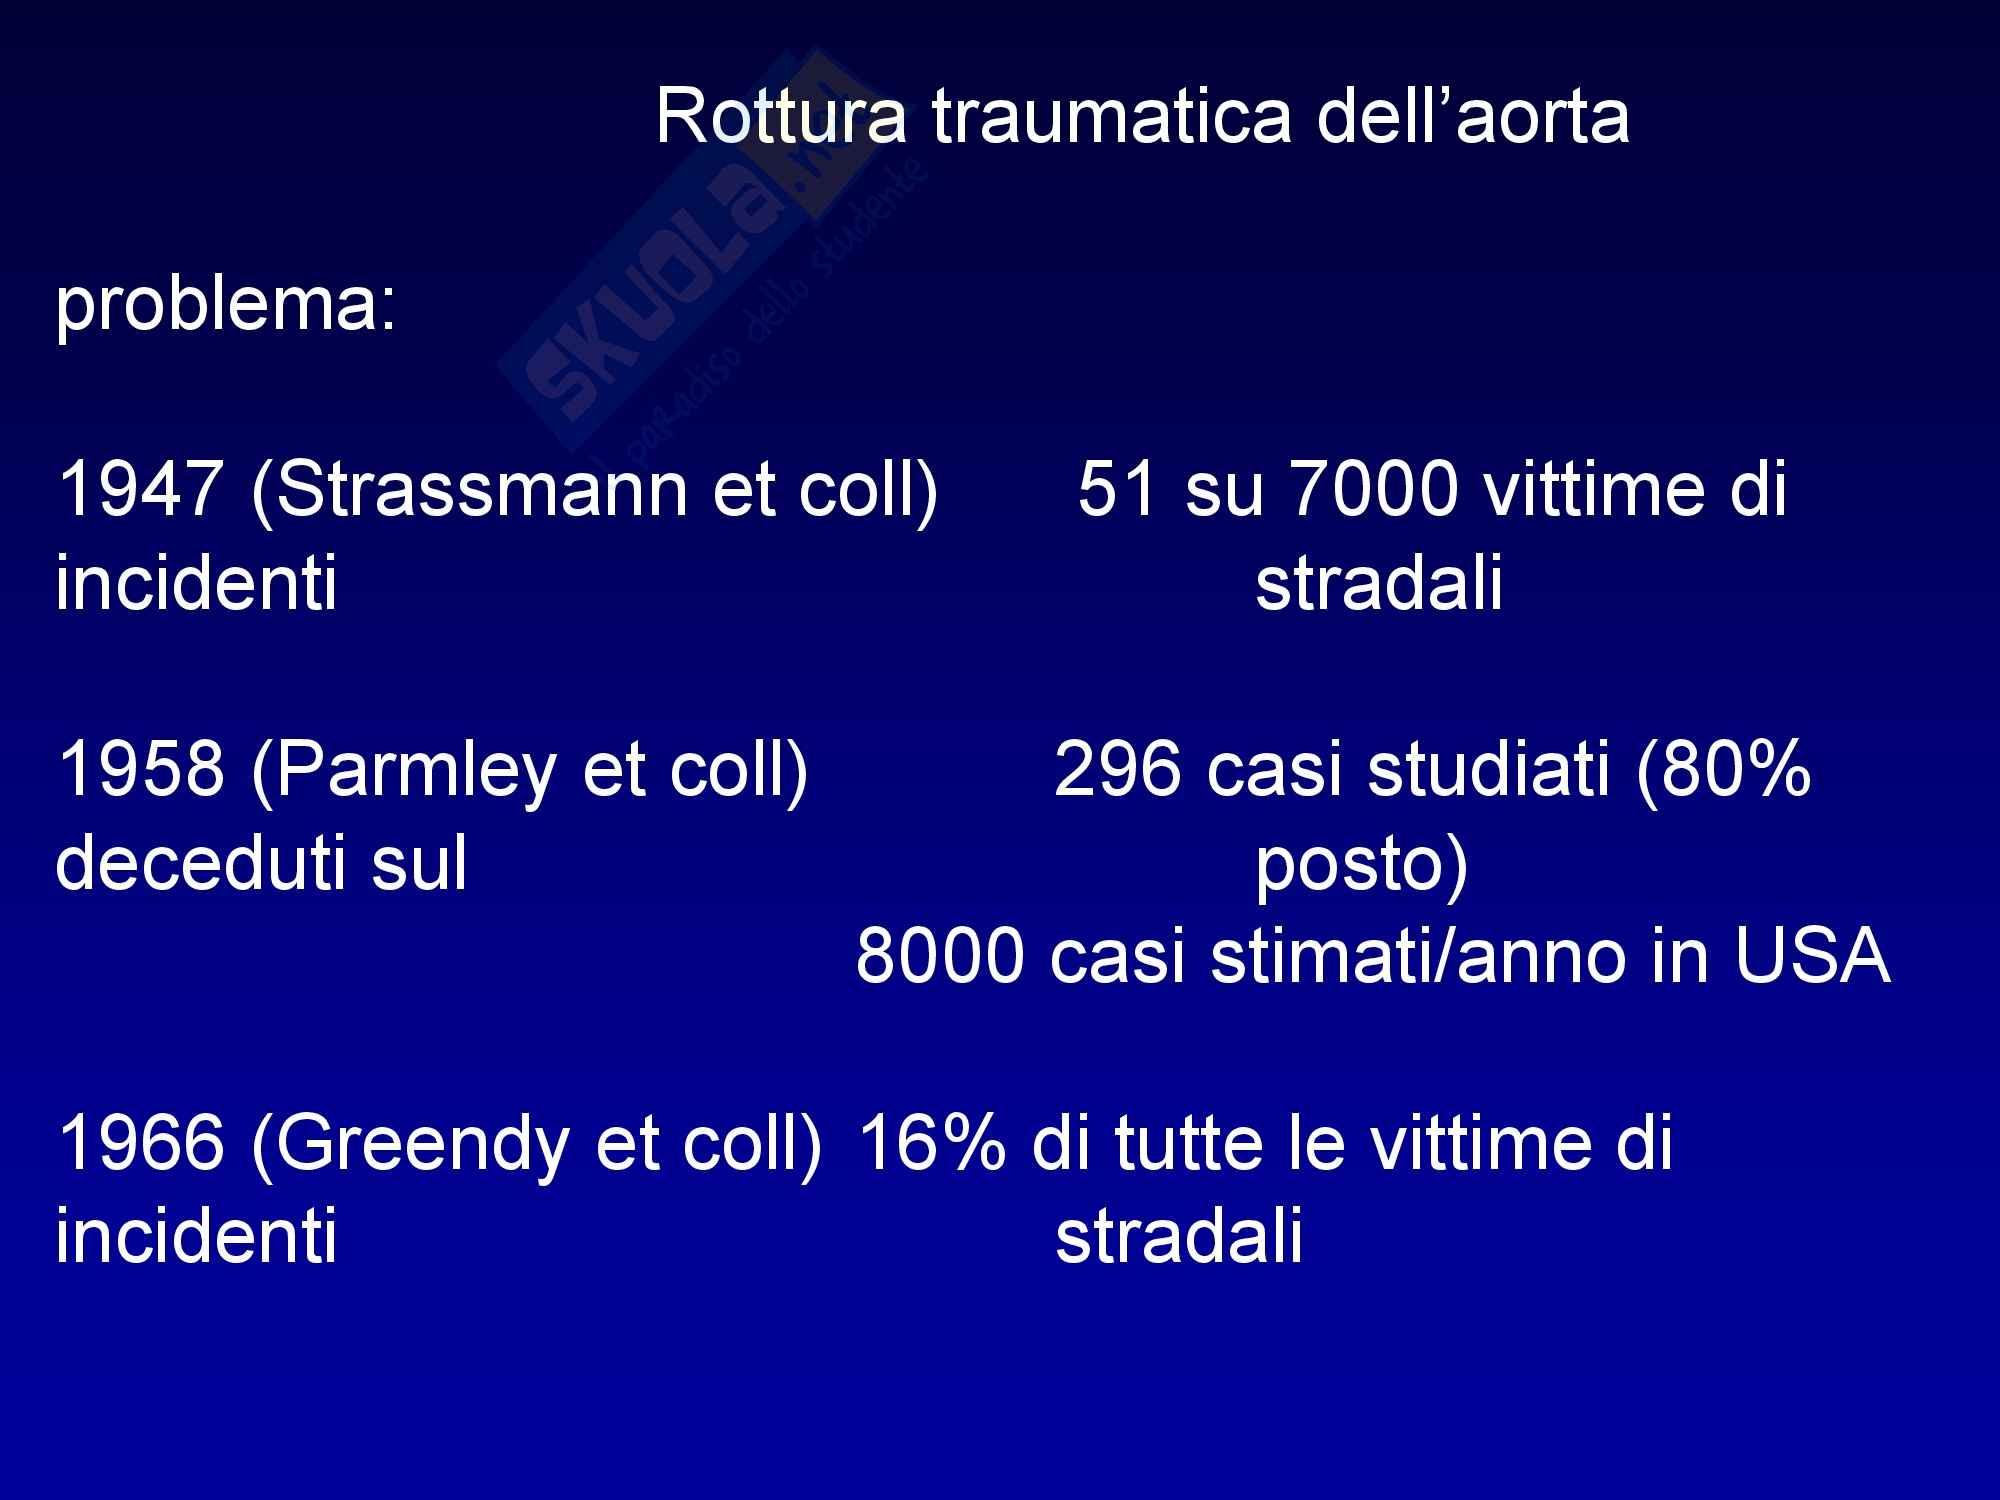 Anestesia - Trauma